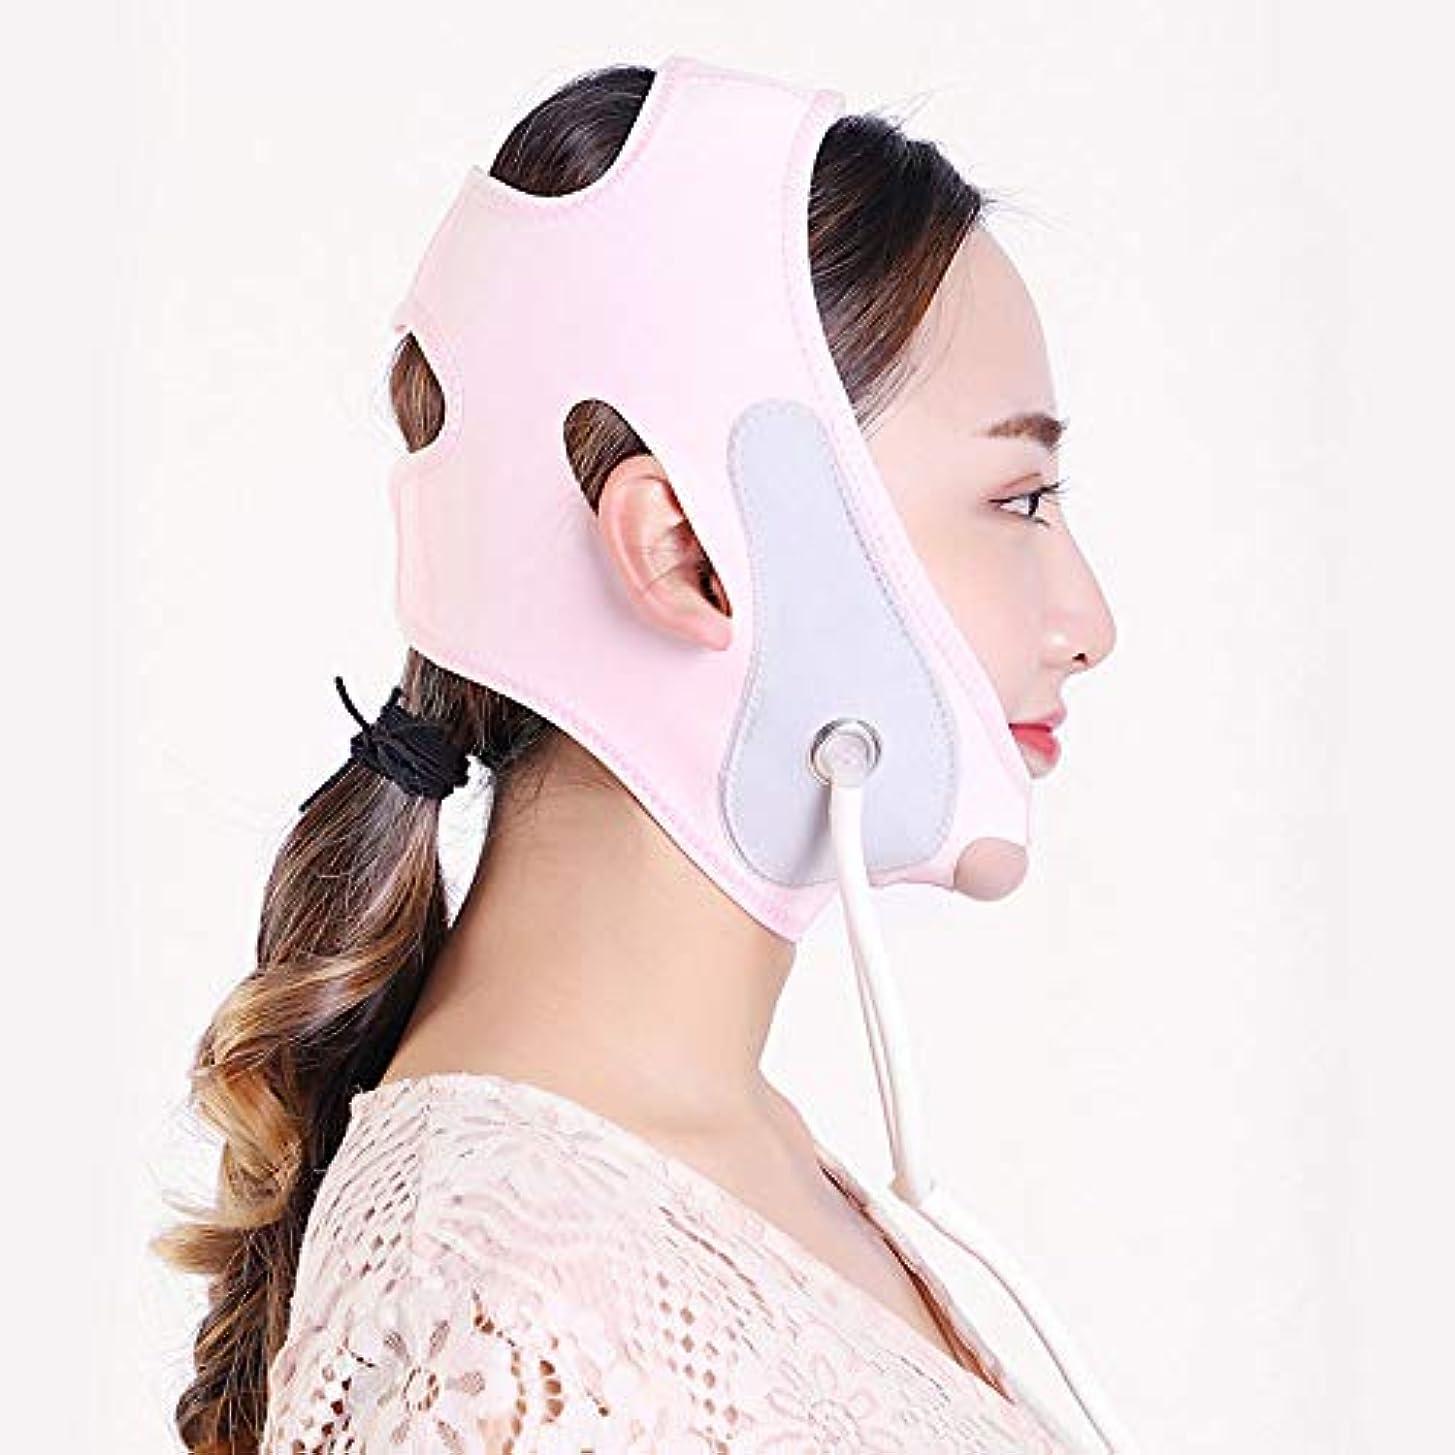 完全に乾くどちらもかみそり膨脹可能なVのマスク、持ち上がる咬筋の筋肉収縮のあごの睡眠ベルト/膨脹可能なベルト/包帯を持ち上げる